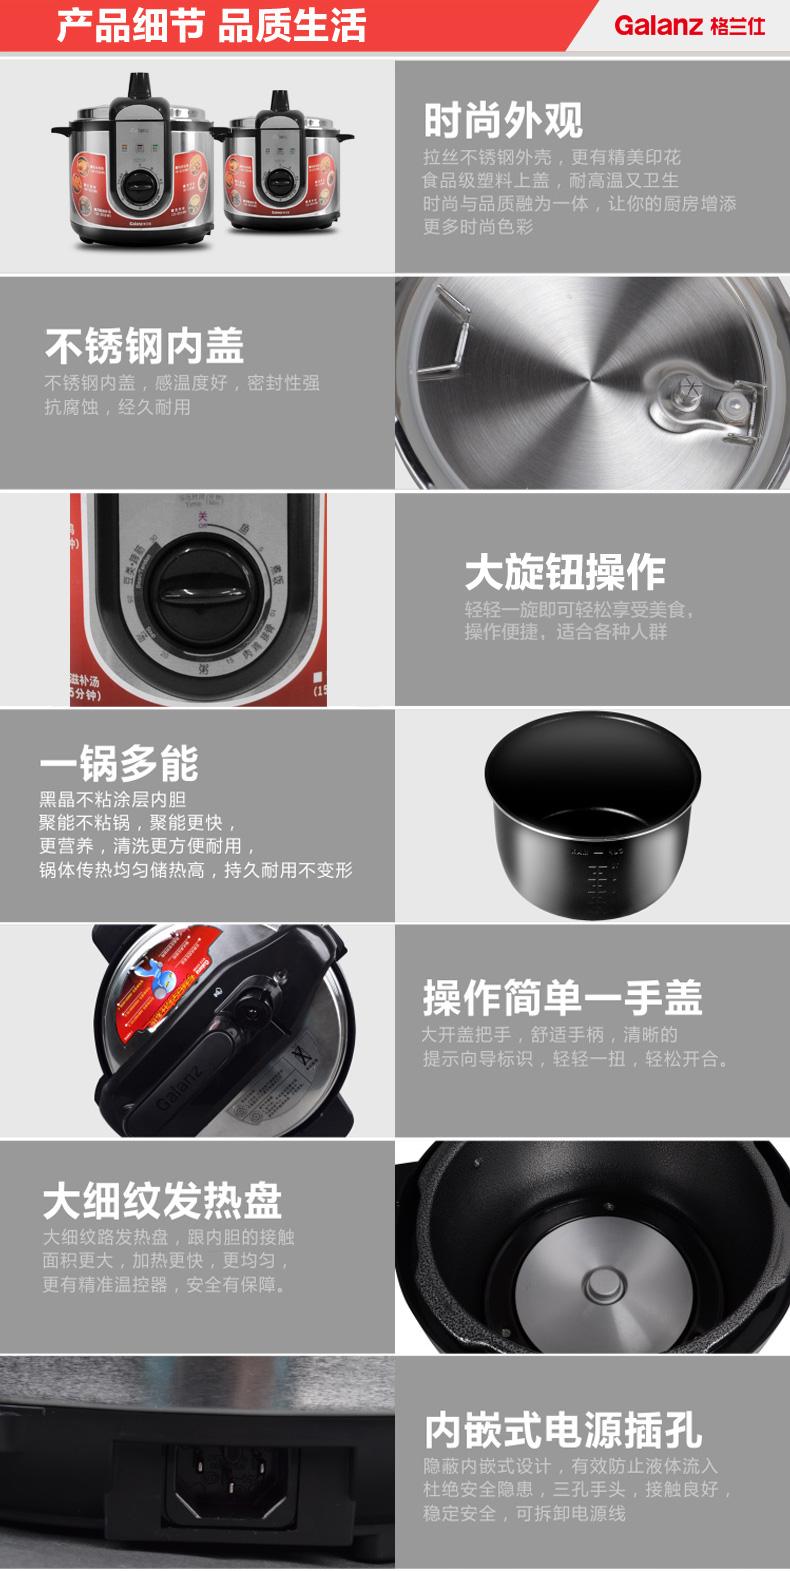 格兰仕 电压力锅yb501d